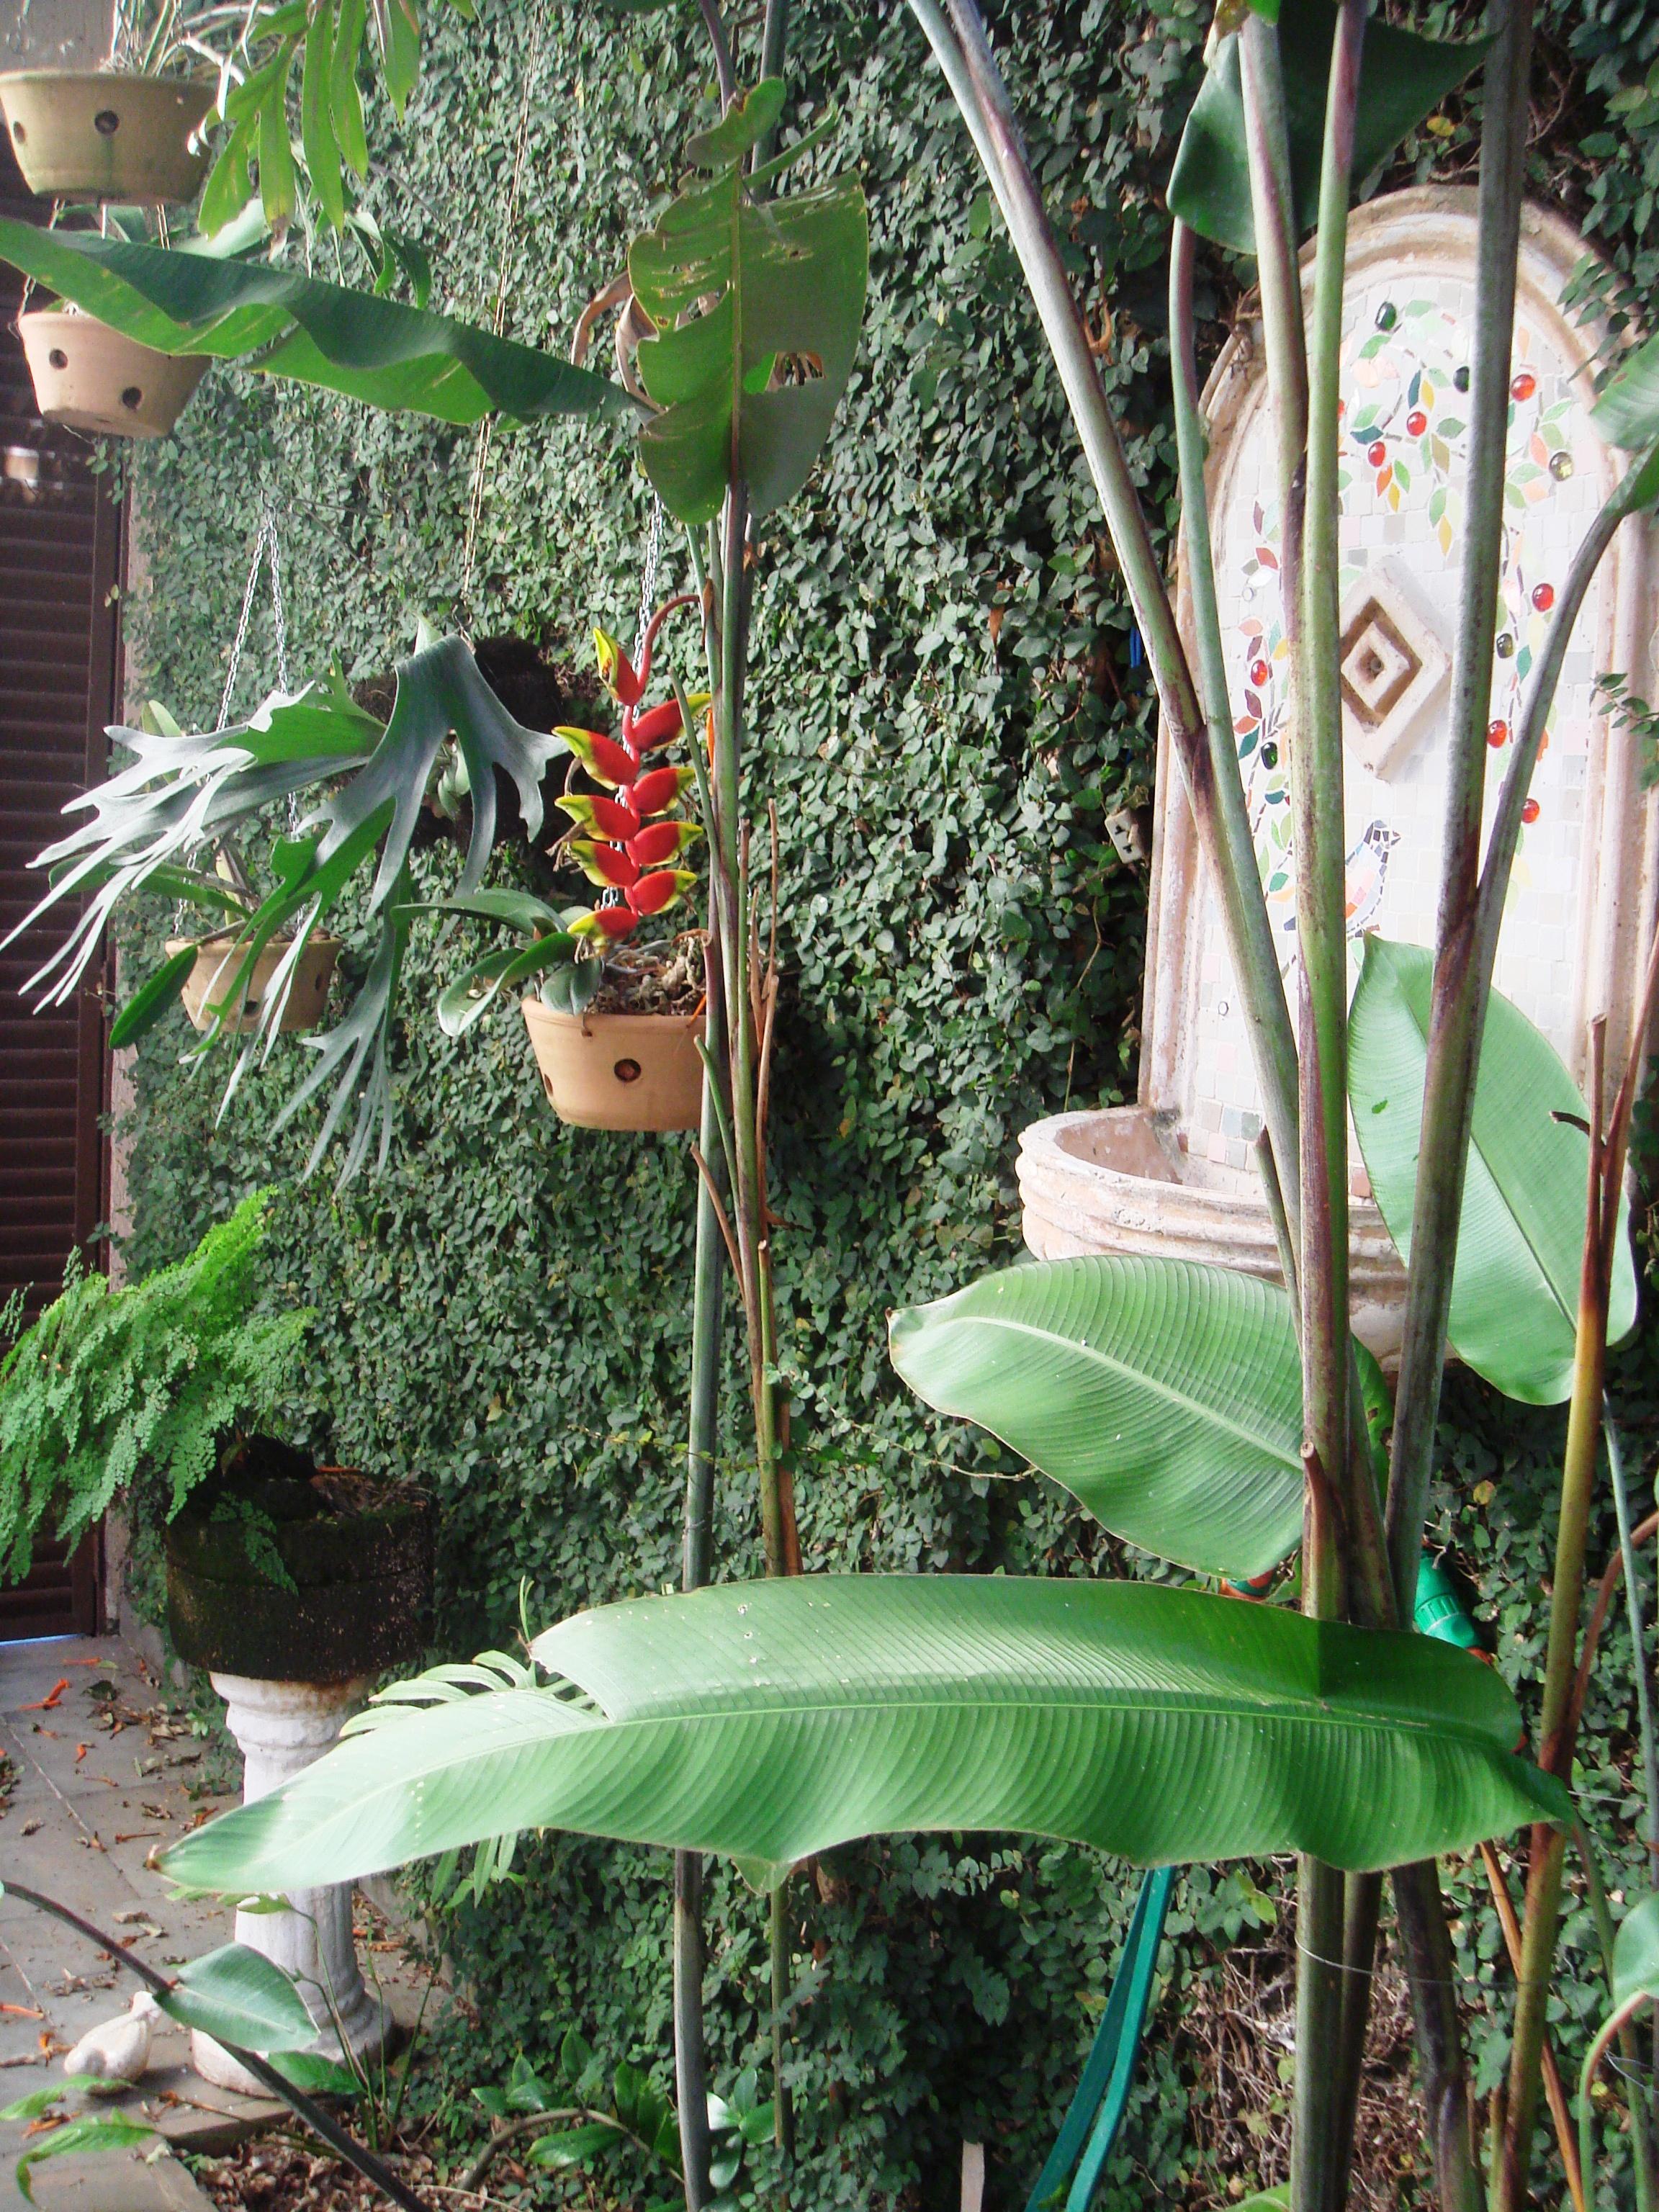 #66463A Jardim de inverno com fonte em Mosaico 2304x3072 px jardim de inverno no banheiro como fazer